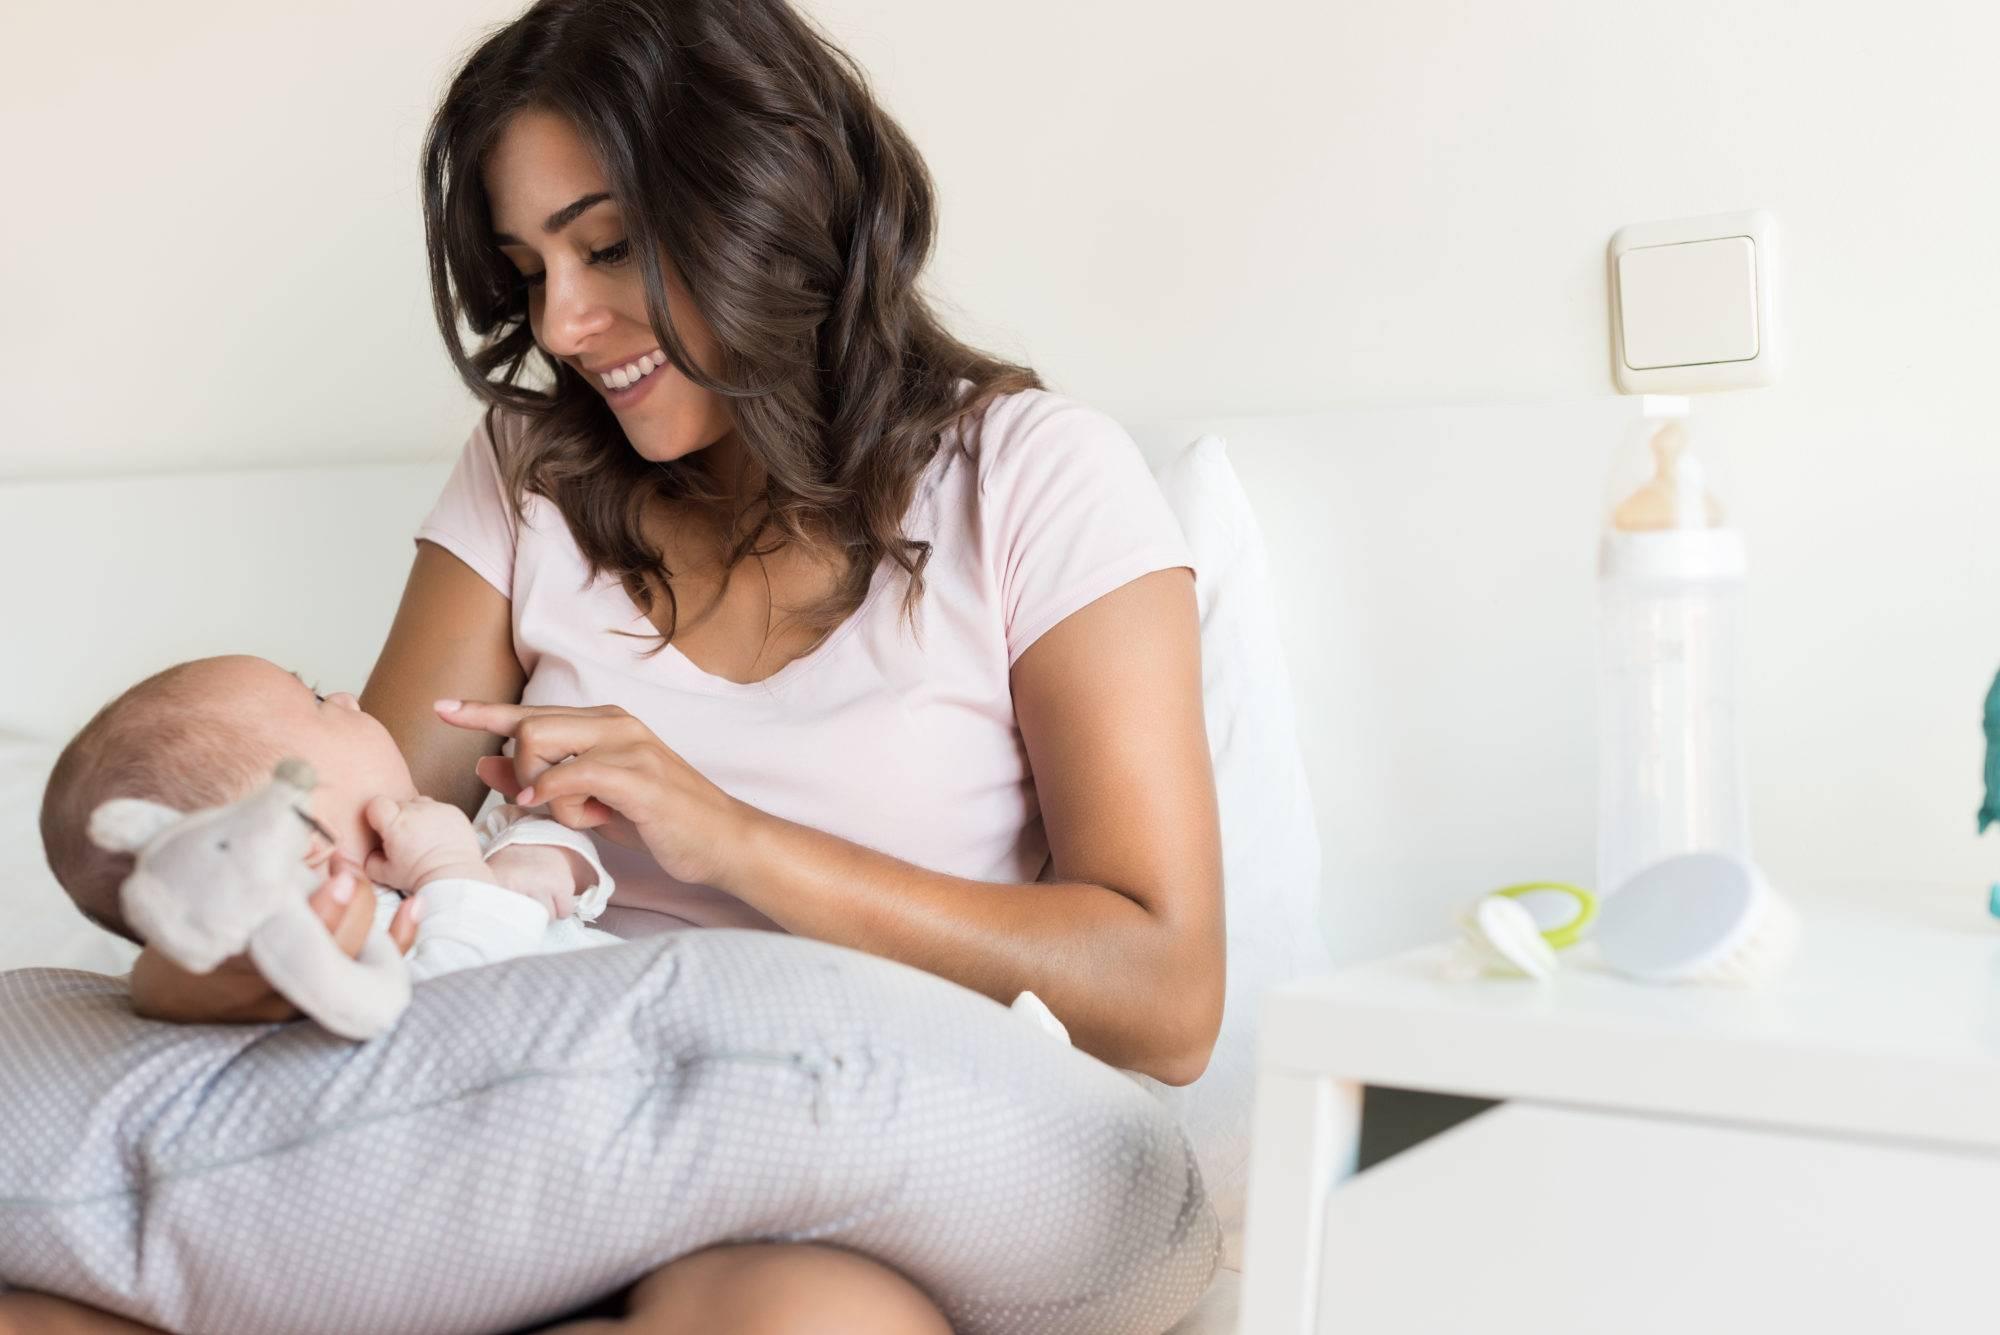 Ο μητρικός θηλασμός είναι μια φυσική διαδικασία.